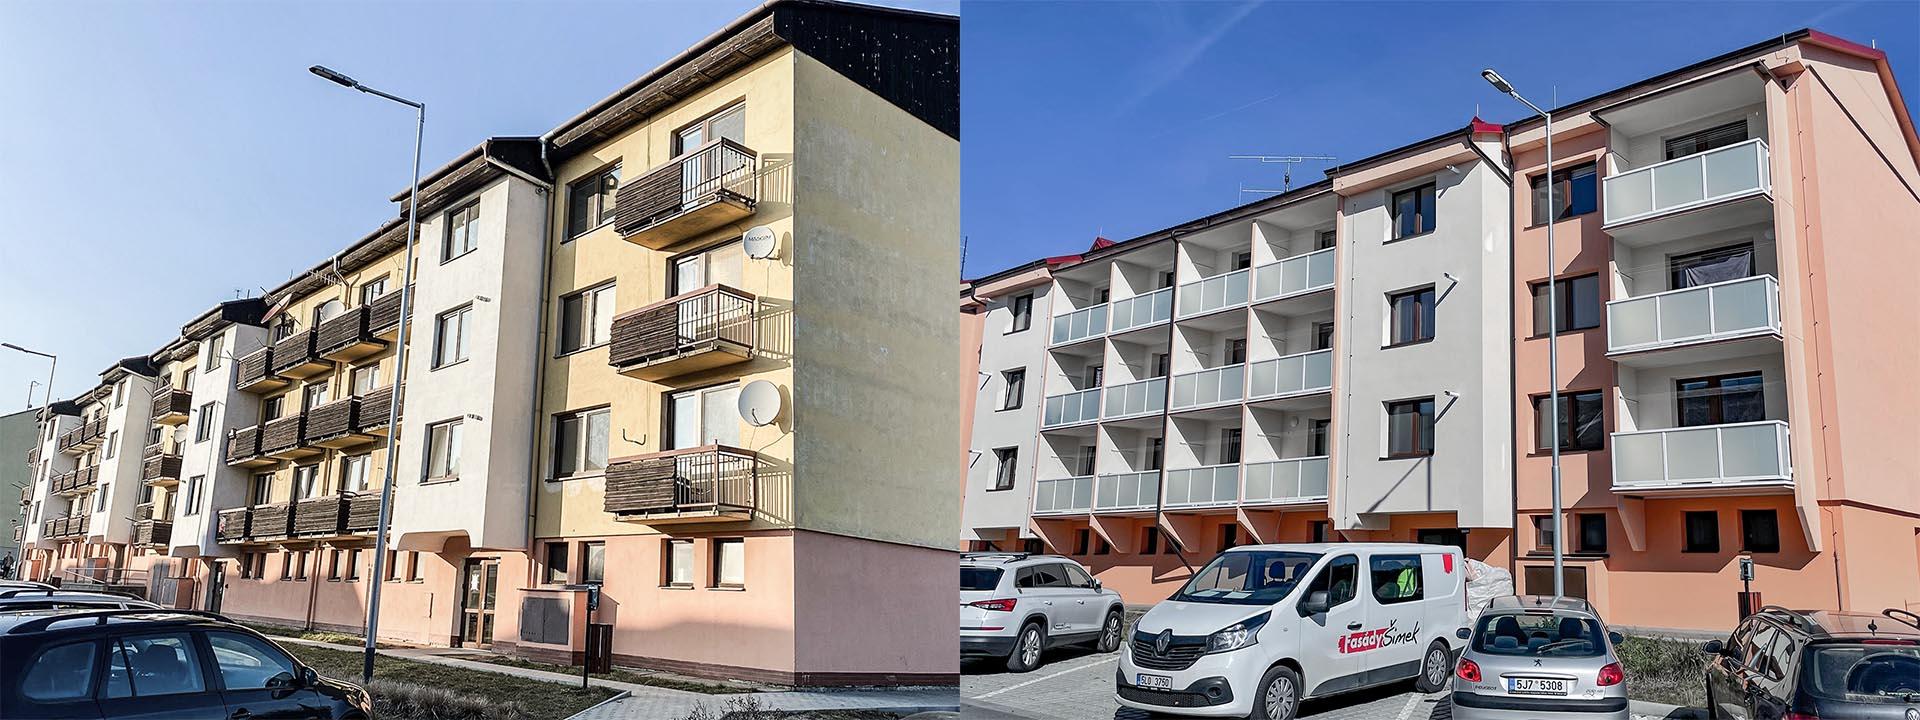 Rekonstrukce bytového domu okres Třebíč - Jemnice, před a po